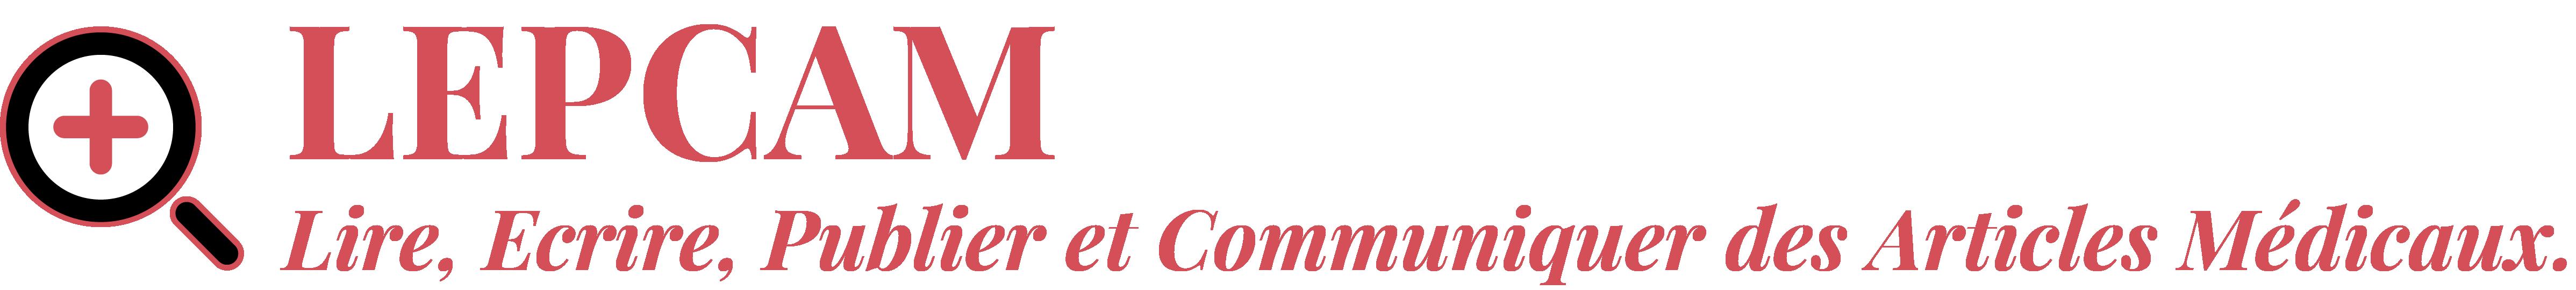 Logo-txt-LEPCAM-1